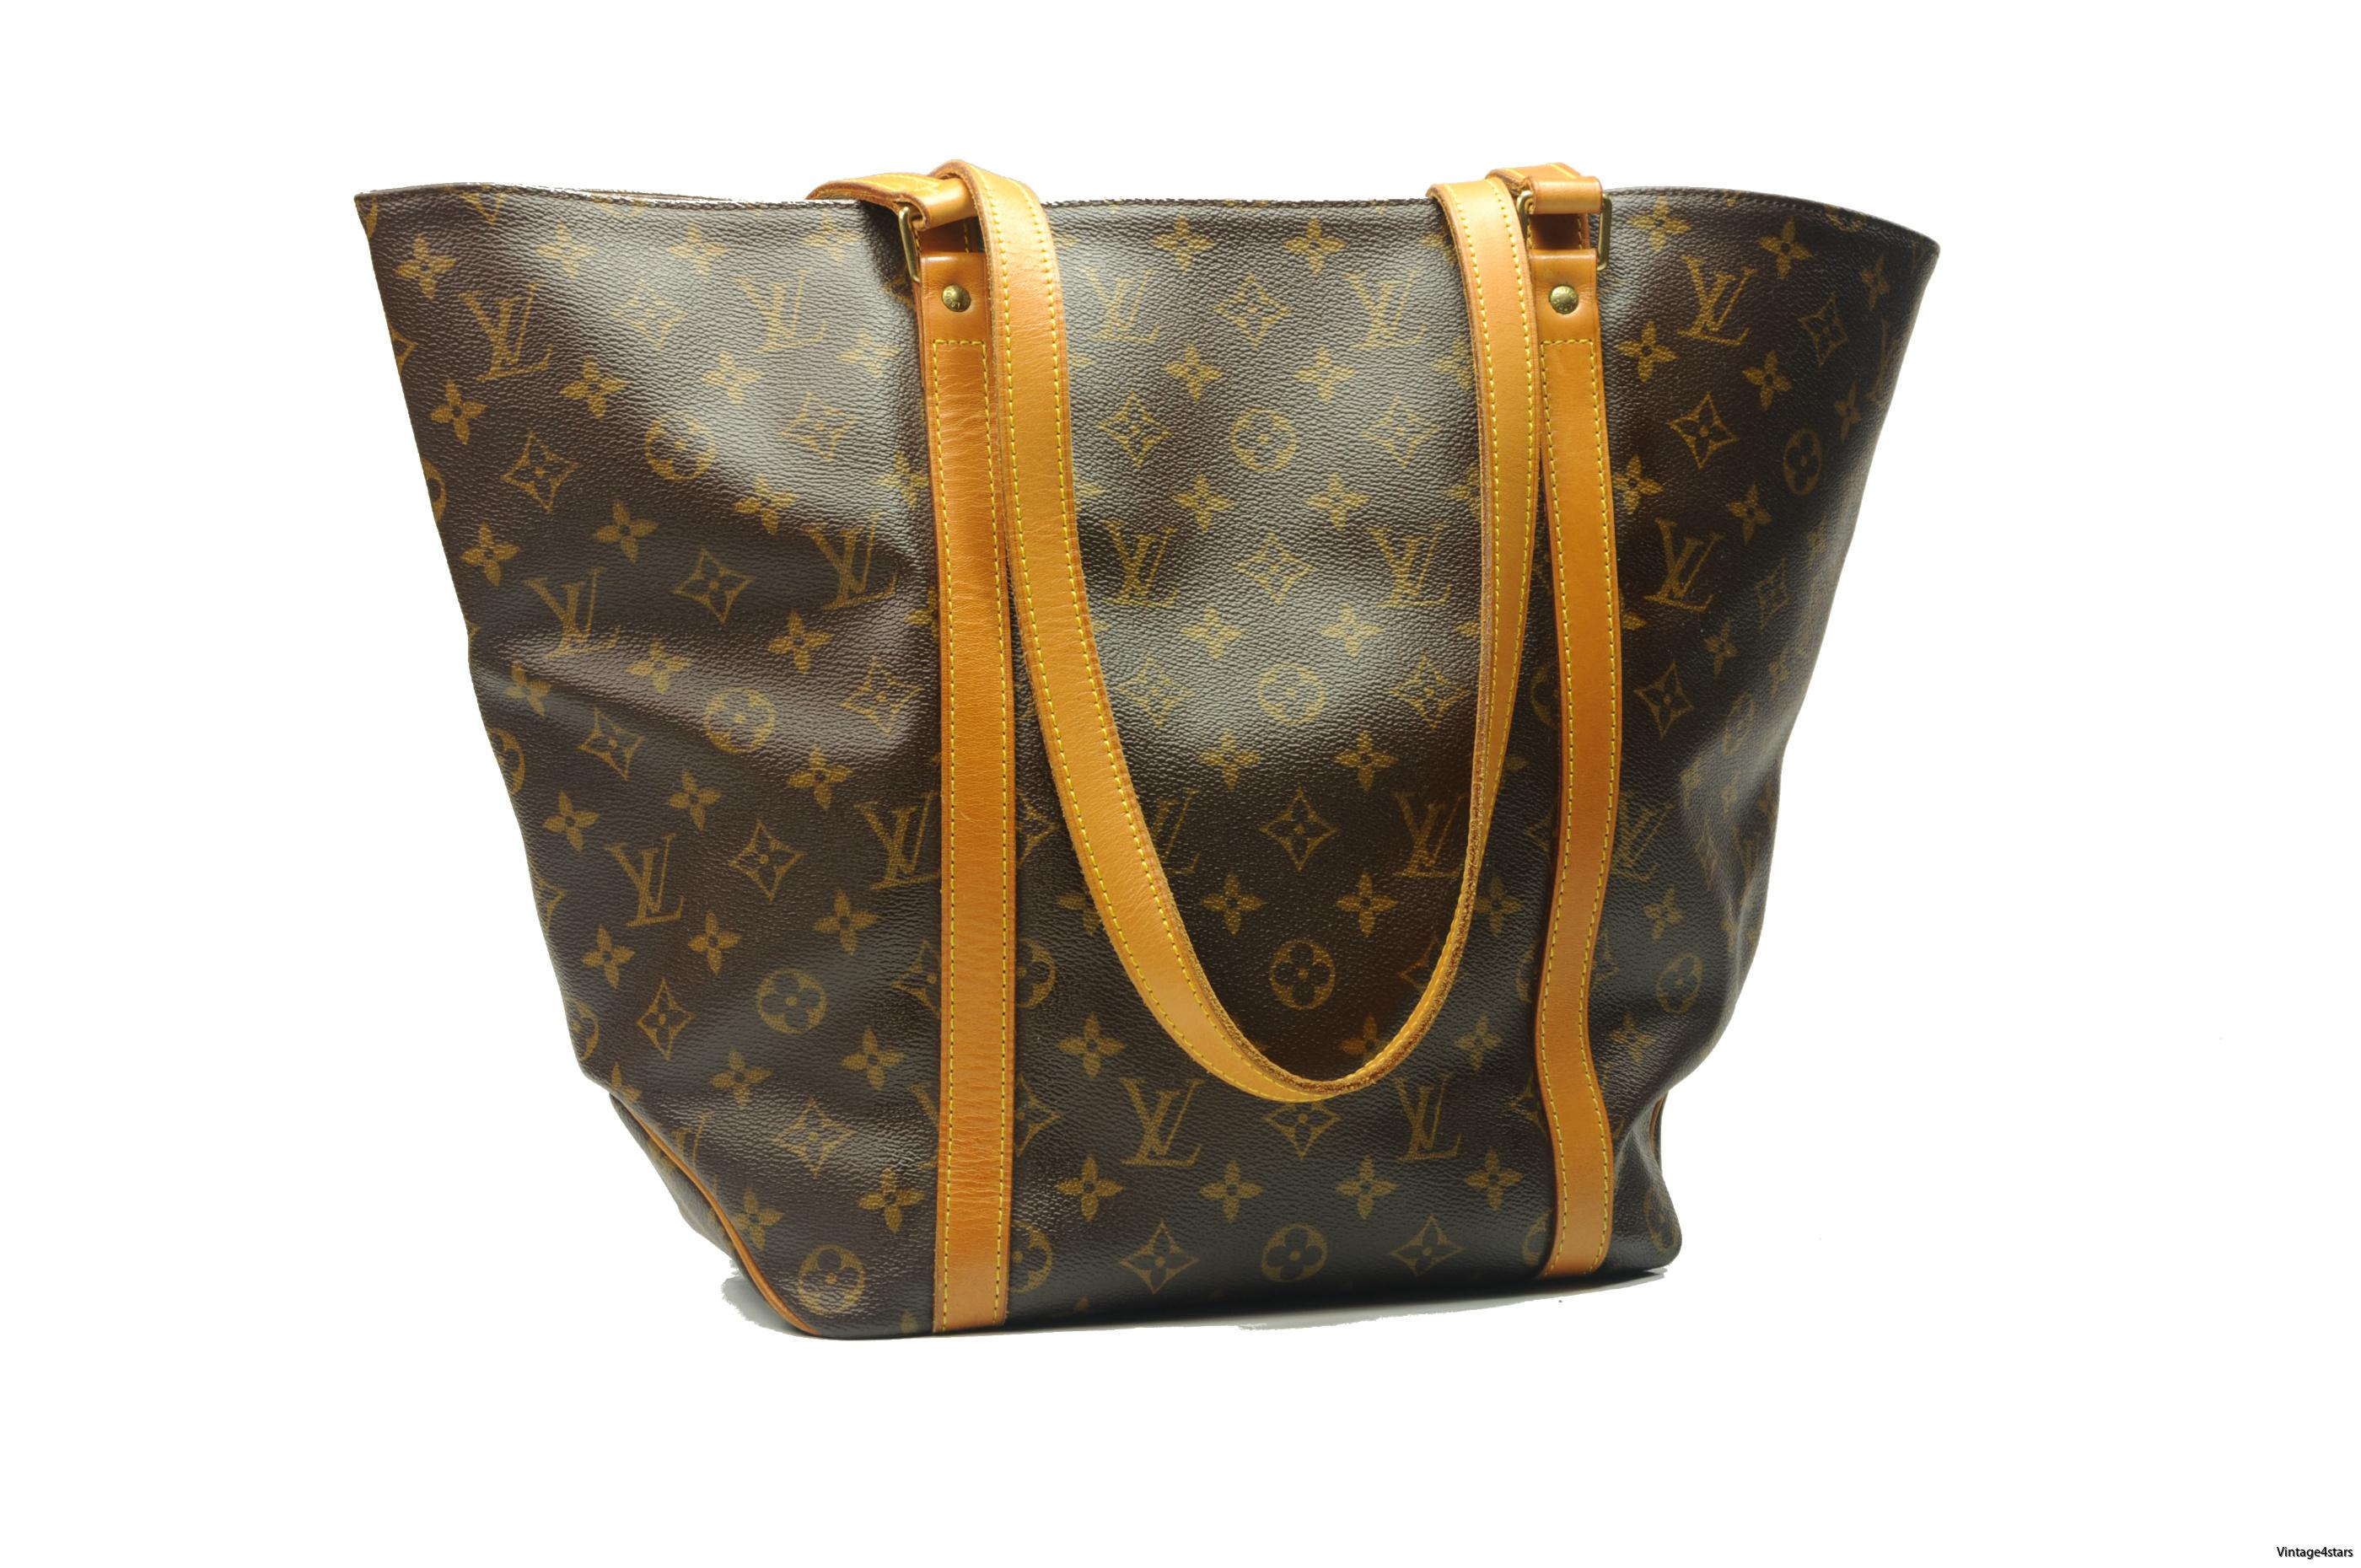 Louis Vuitton Sac Shopping 3a